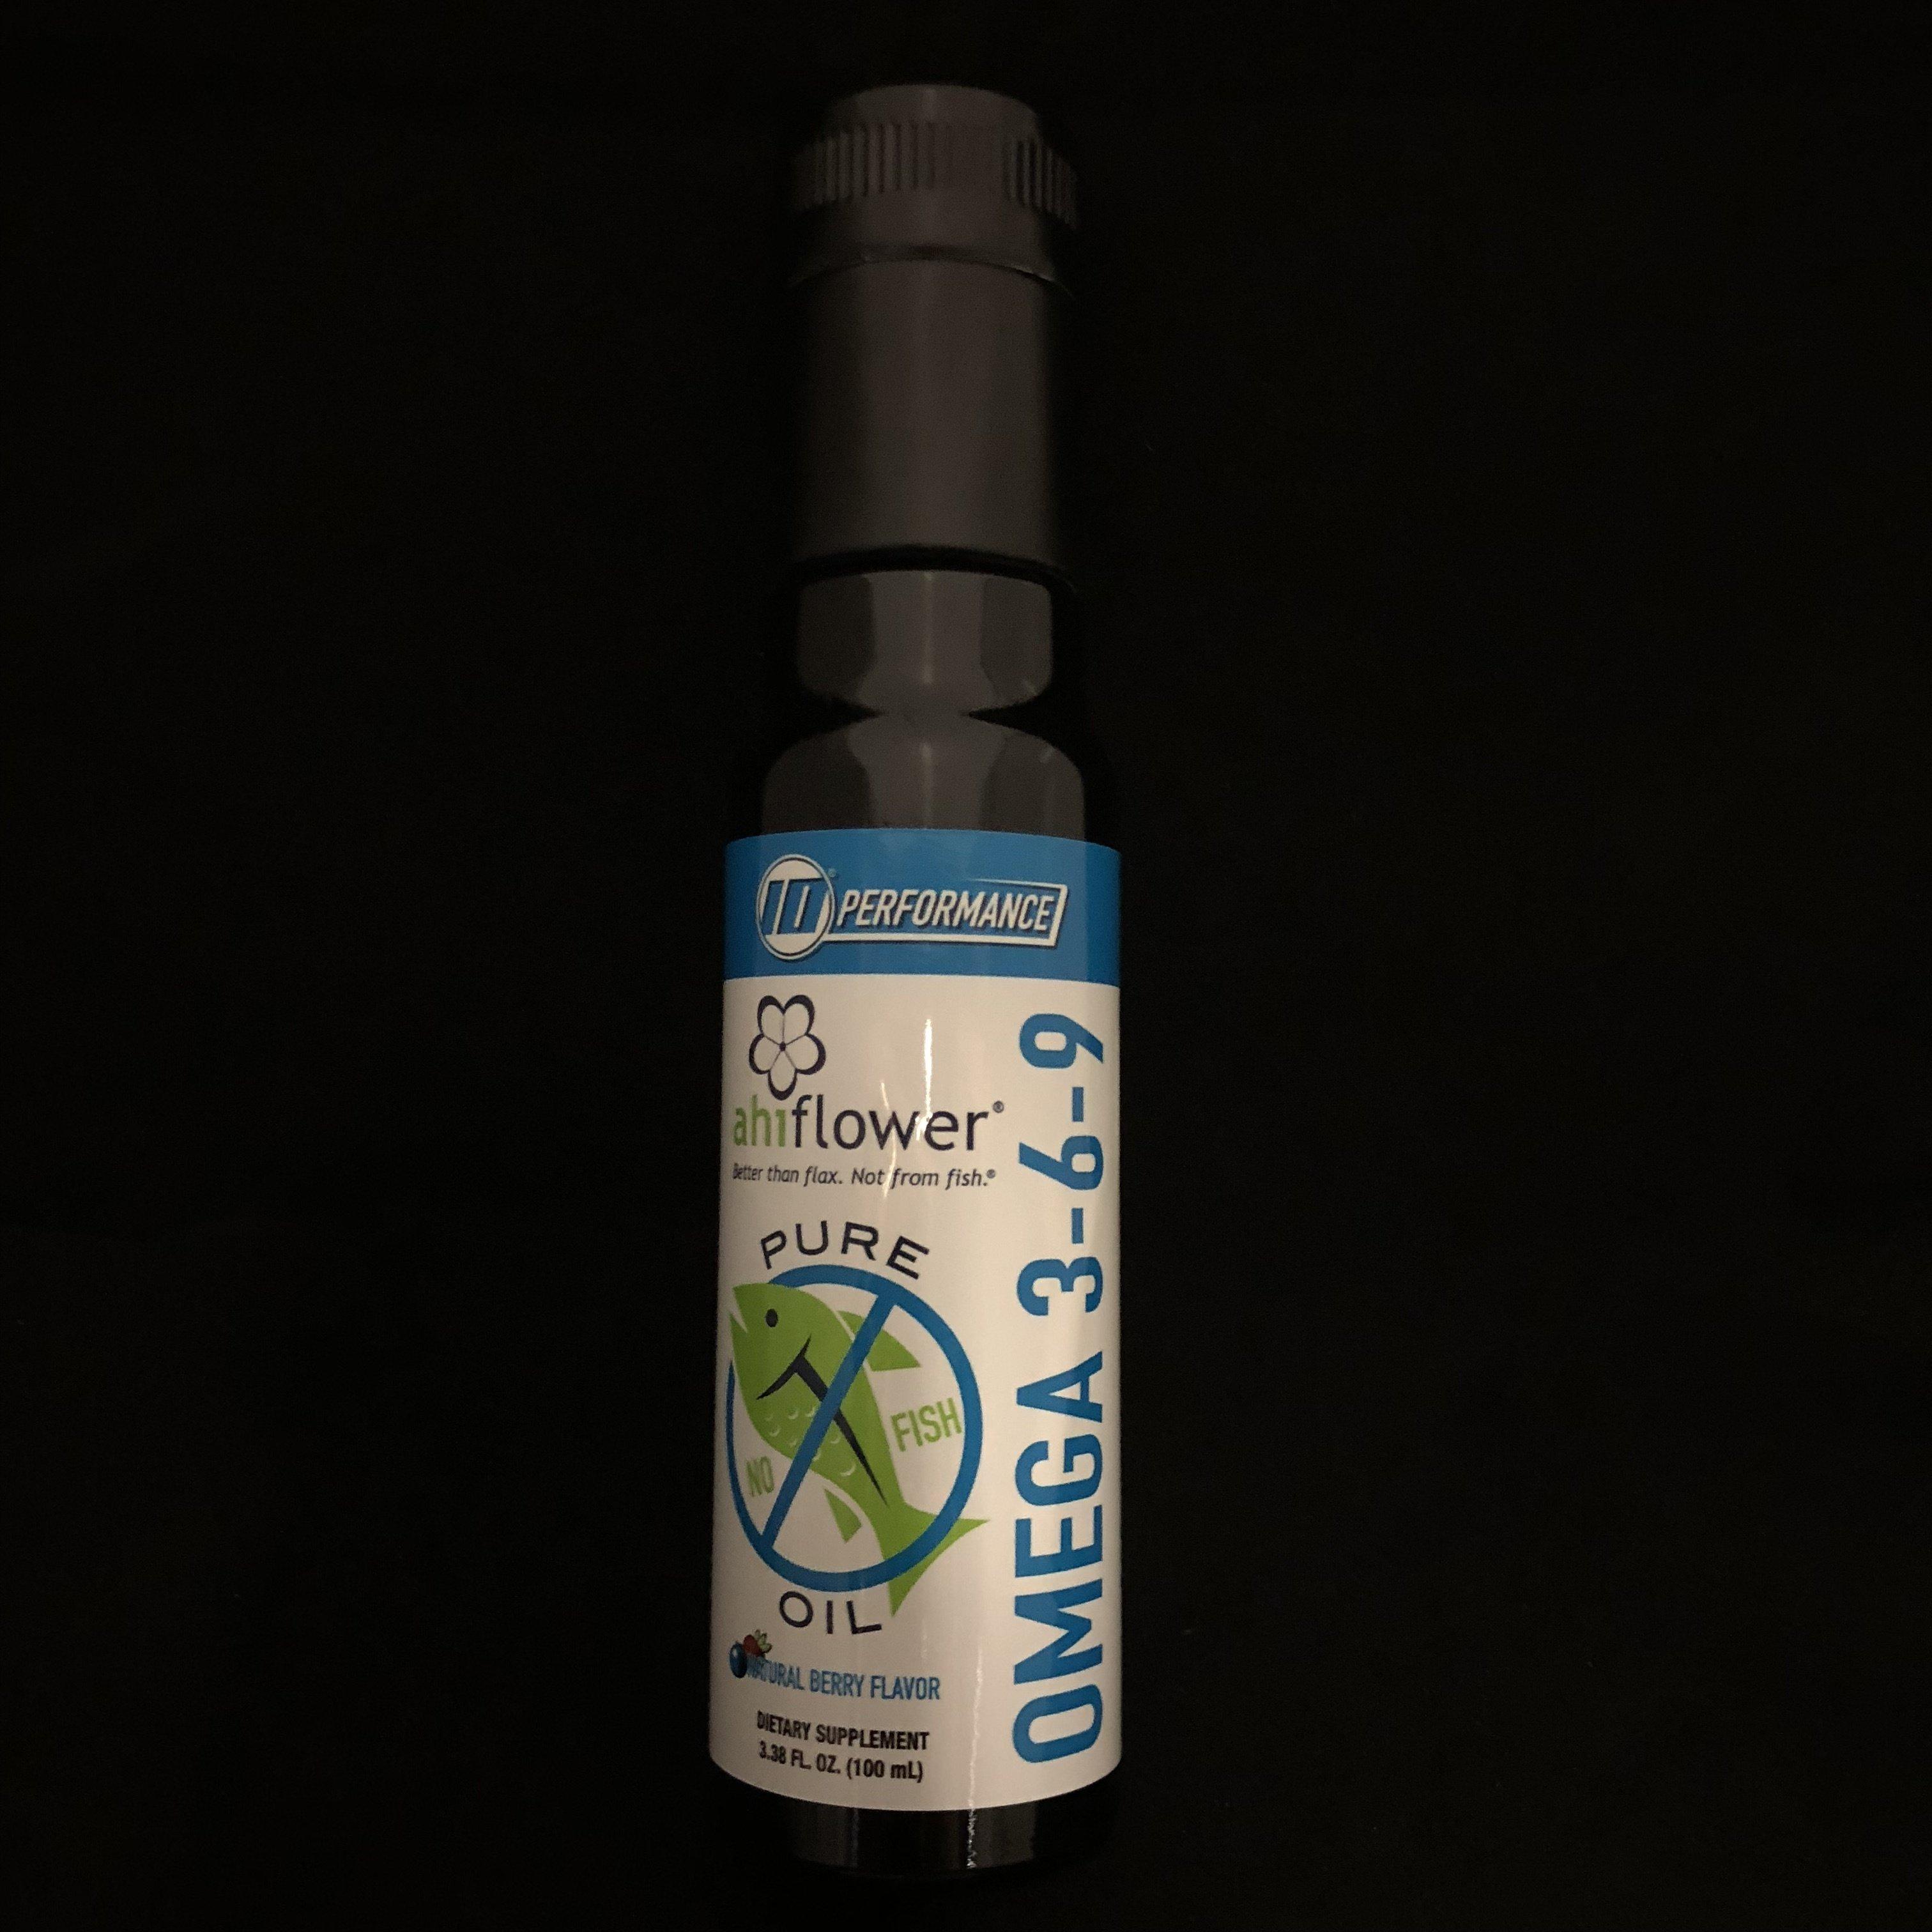 AhiFlower Oil Omega 3-6-9 818016014986